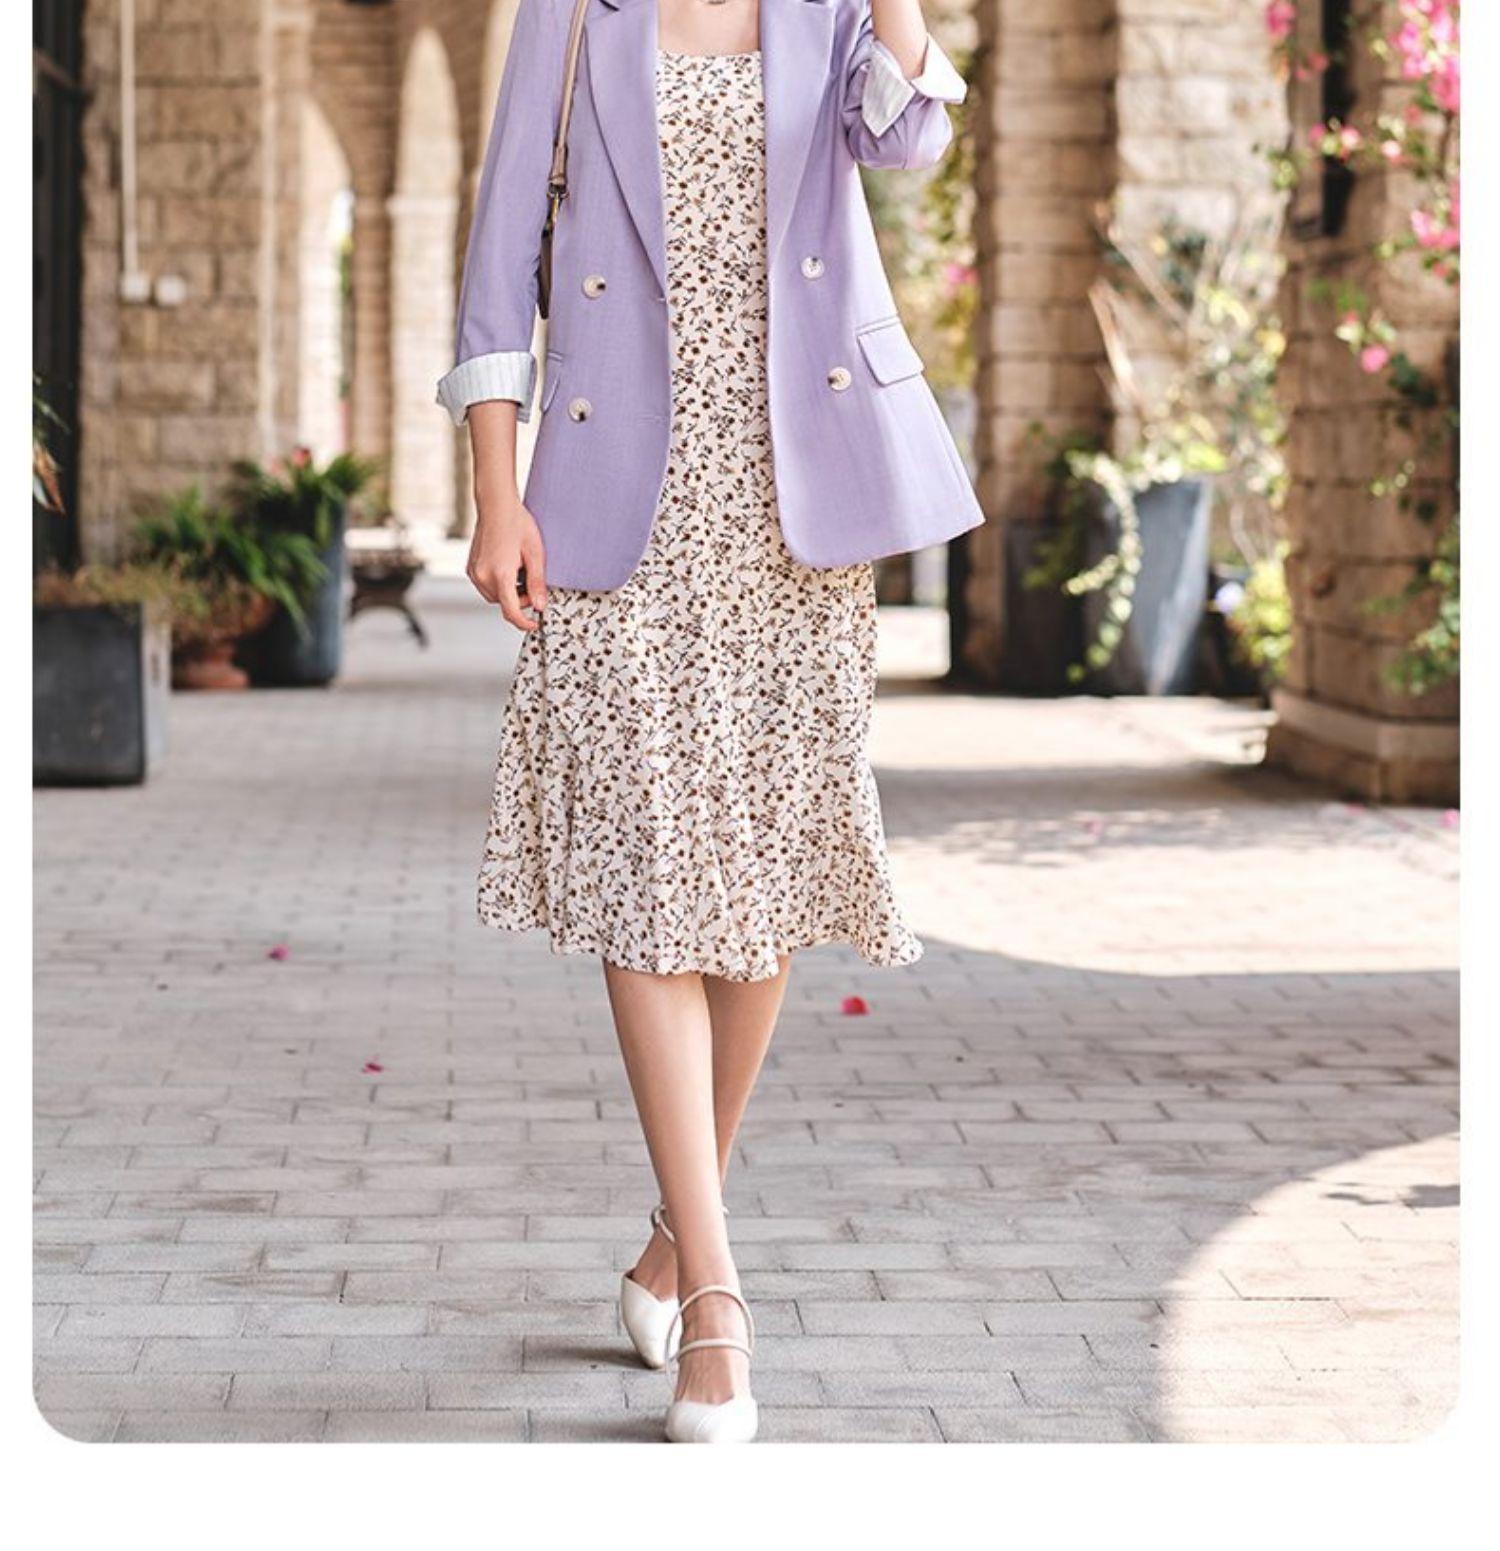 紫色小西装 紫色西装外套女夏季e薄款气质短款小个子内搭打底碎花吊带裙两件_推荐淘宝好看的紫色小西装